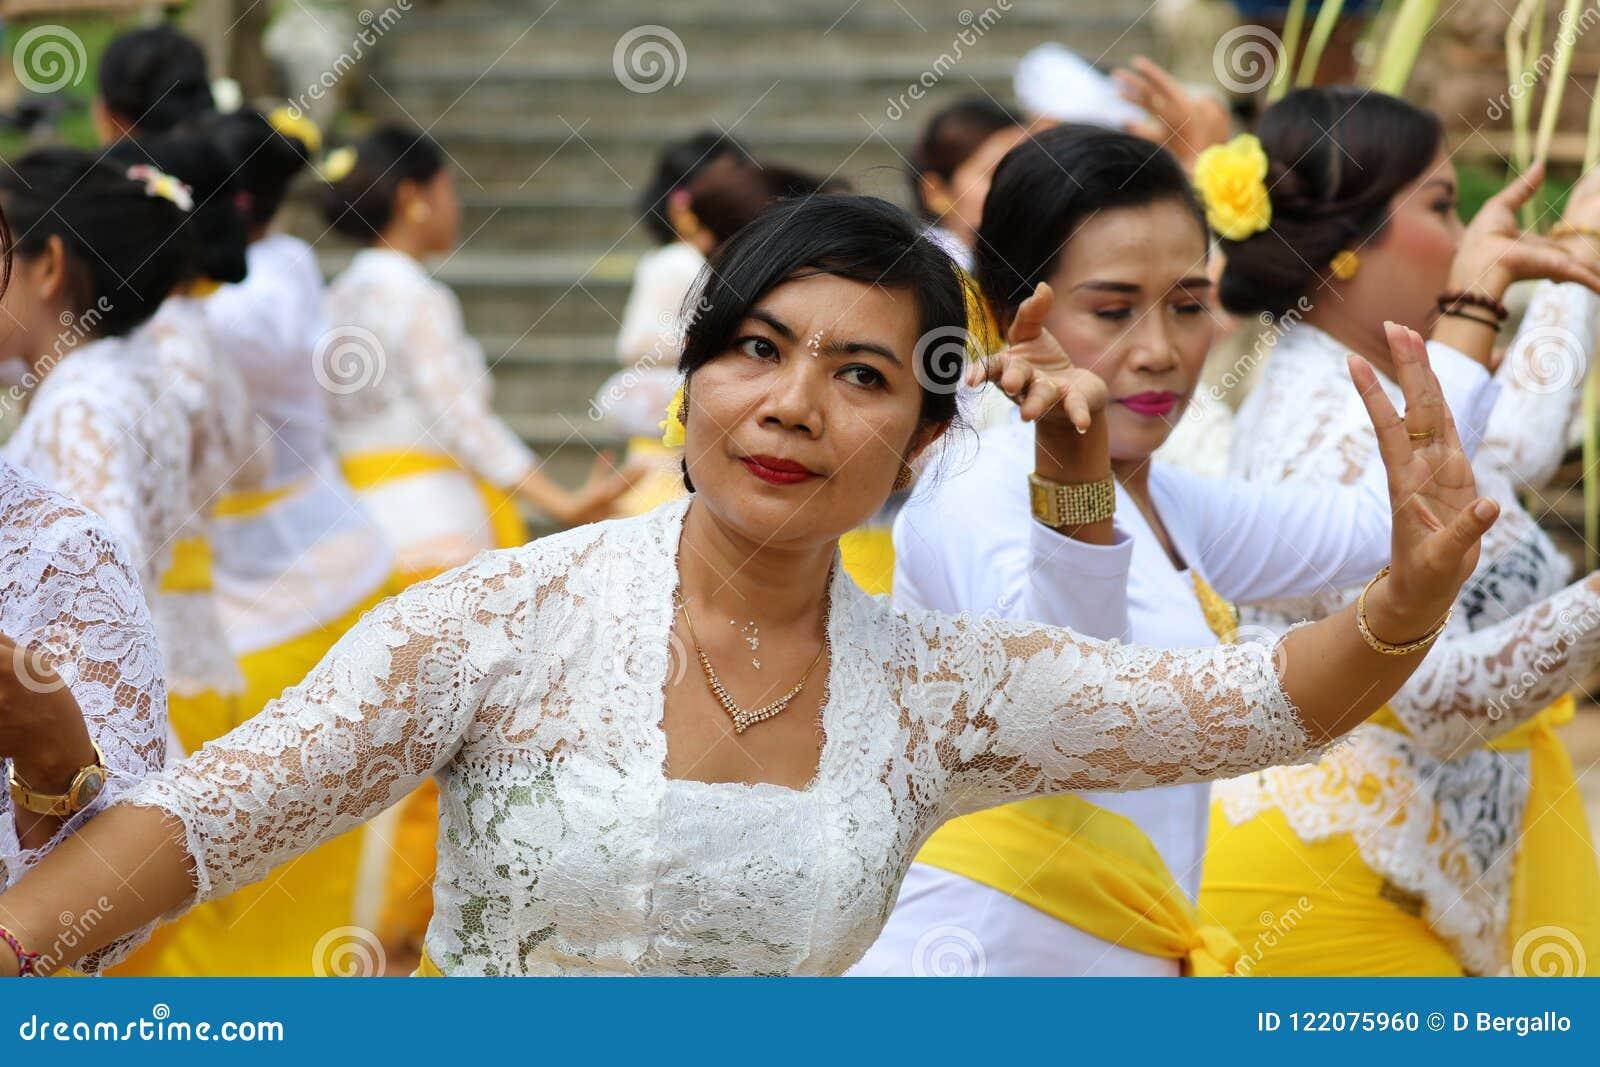 Celebrazione indù a Bali Indonesia, cerimonia religiosa con i colori gialli e bianchi, dancing della donna